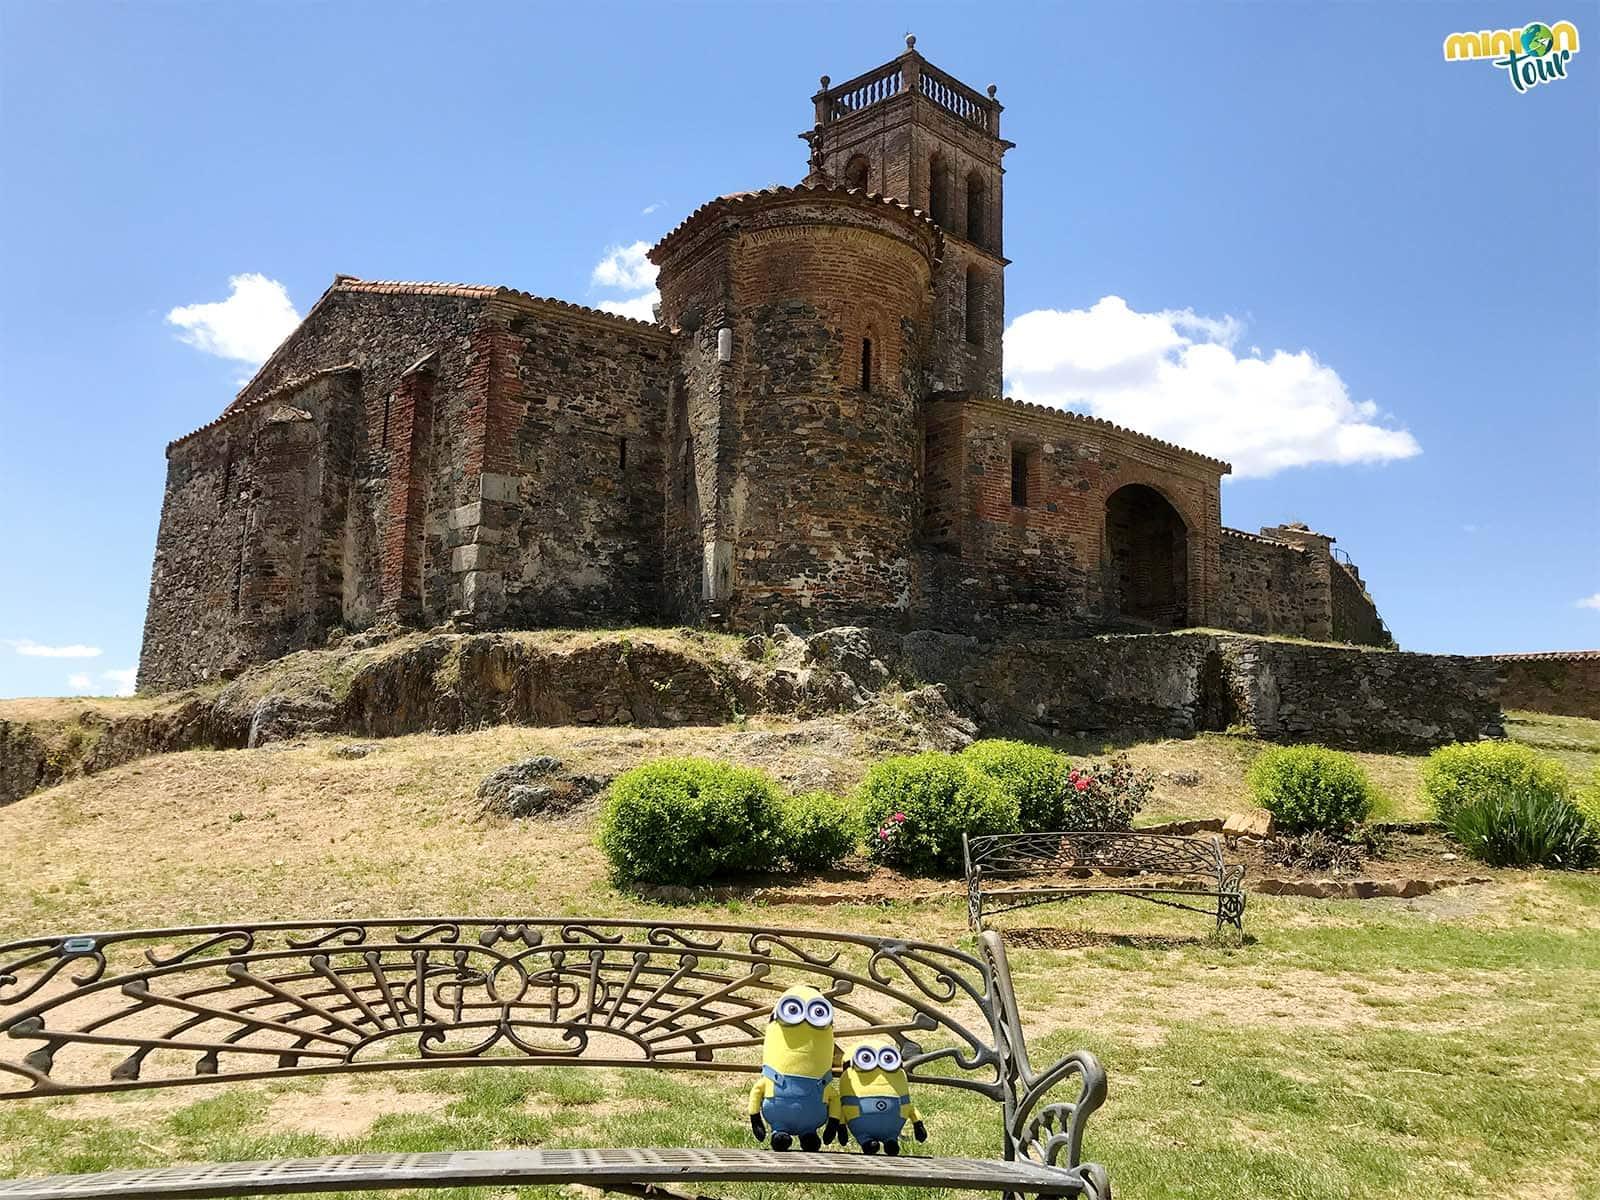 Qué ver en Almonaster la Real, uno de los pueblos más bonitos de España